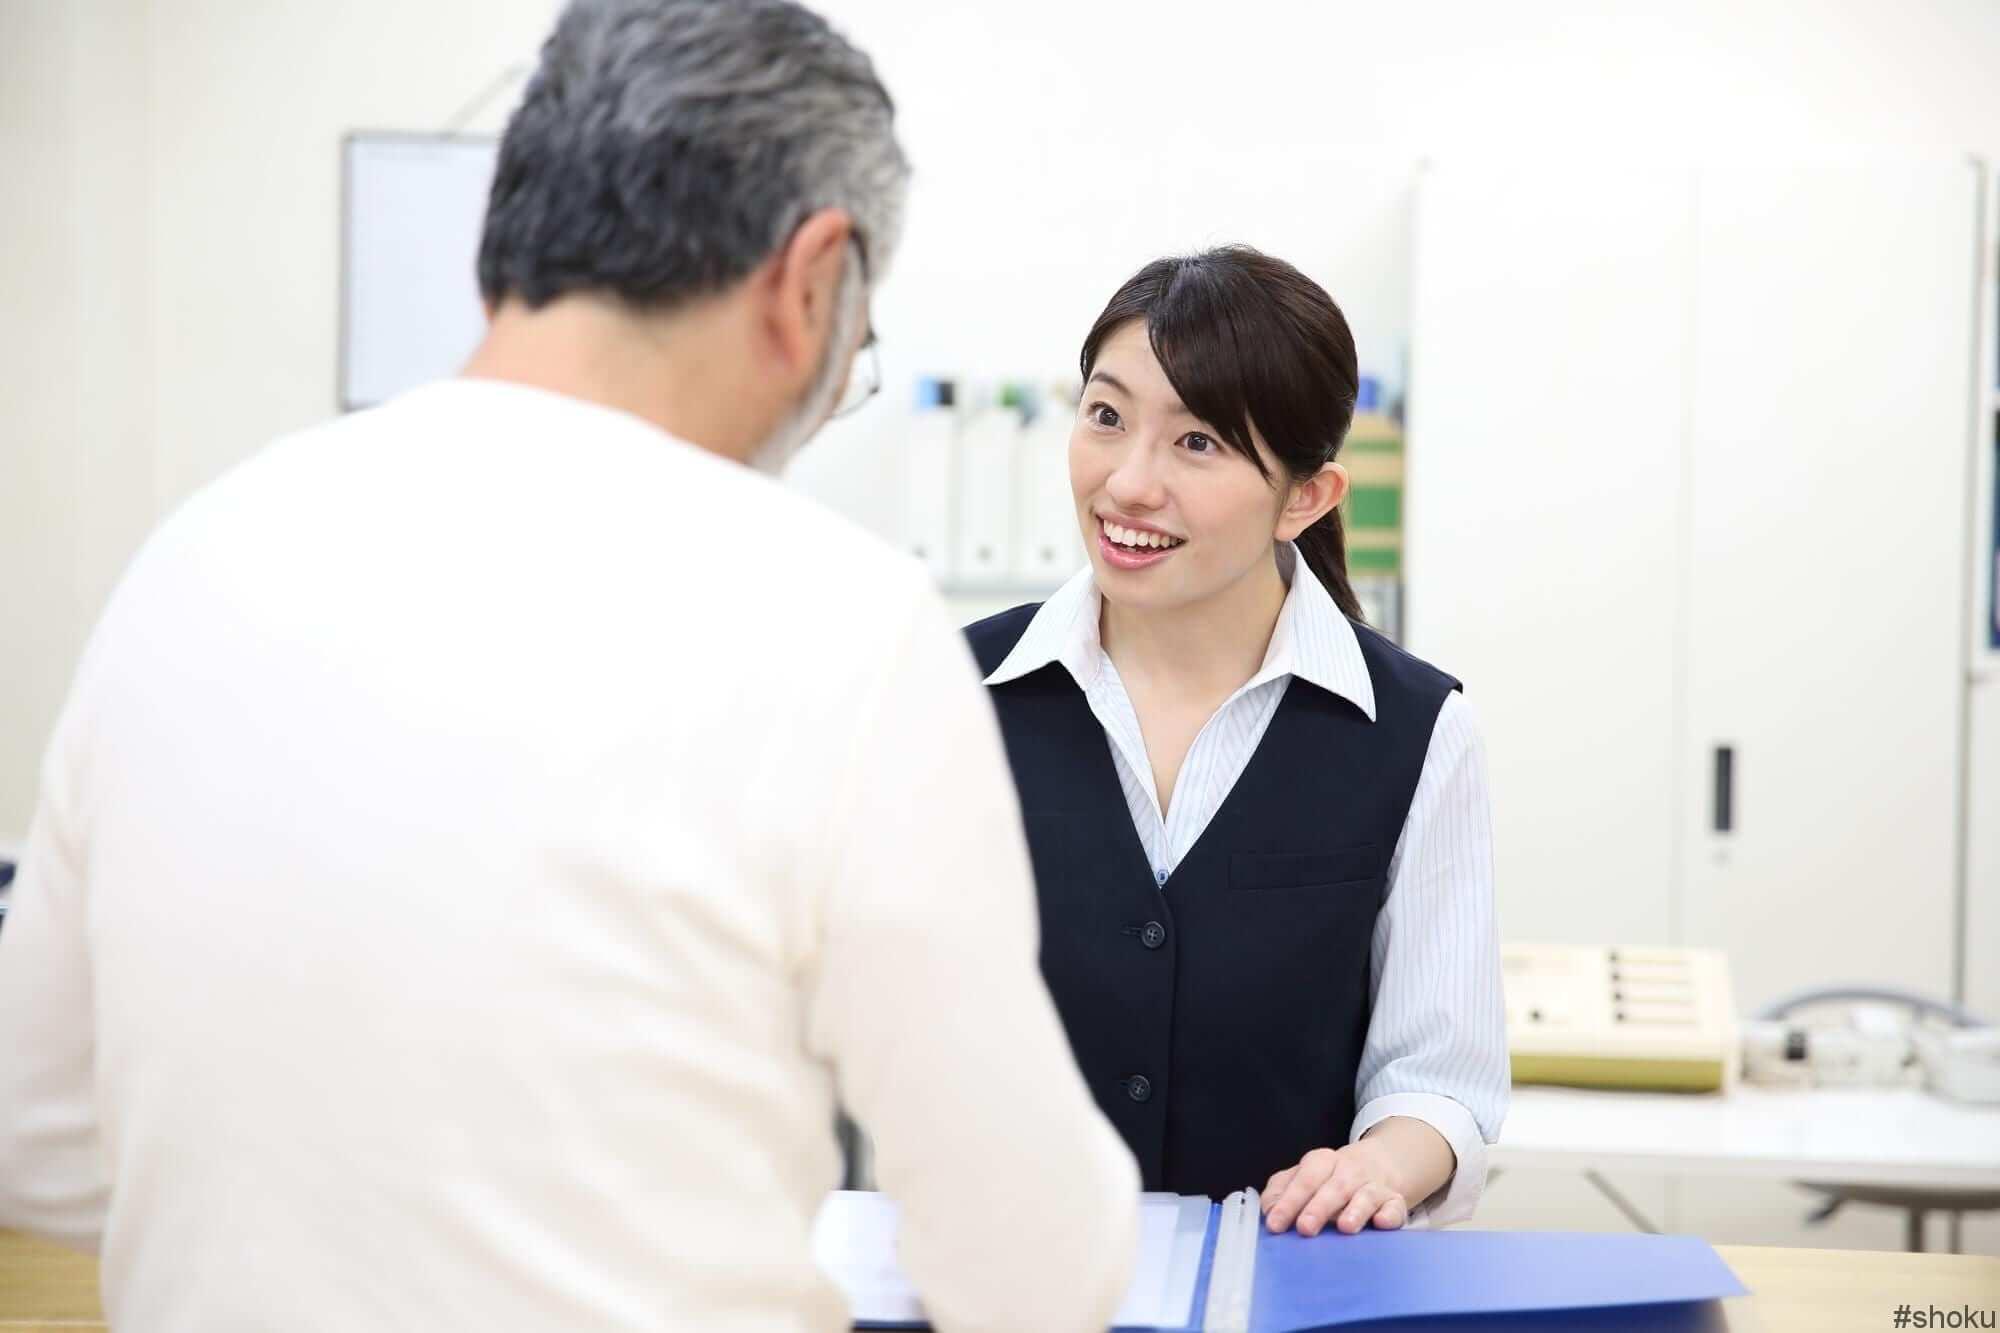 医療事務の「受付業務」に従事する女性